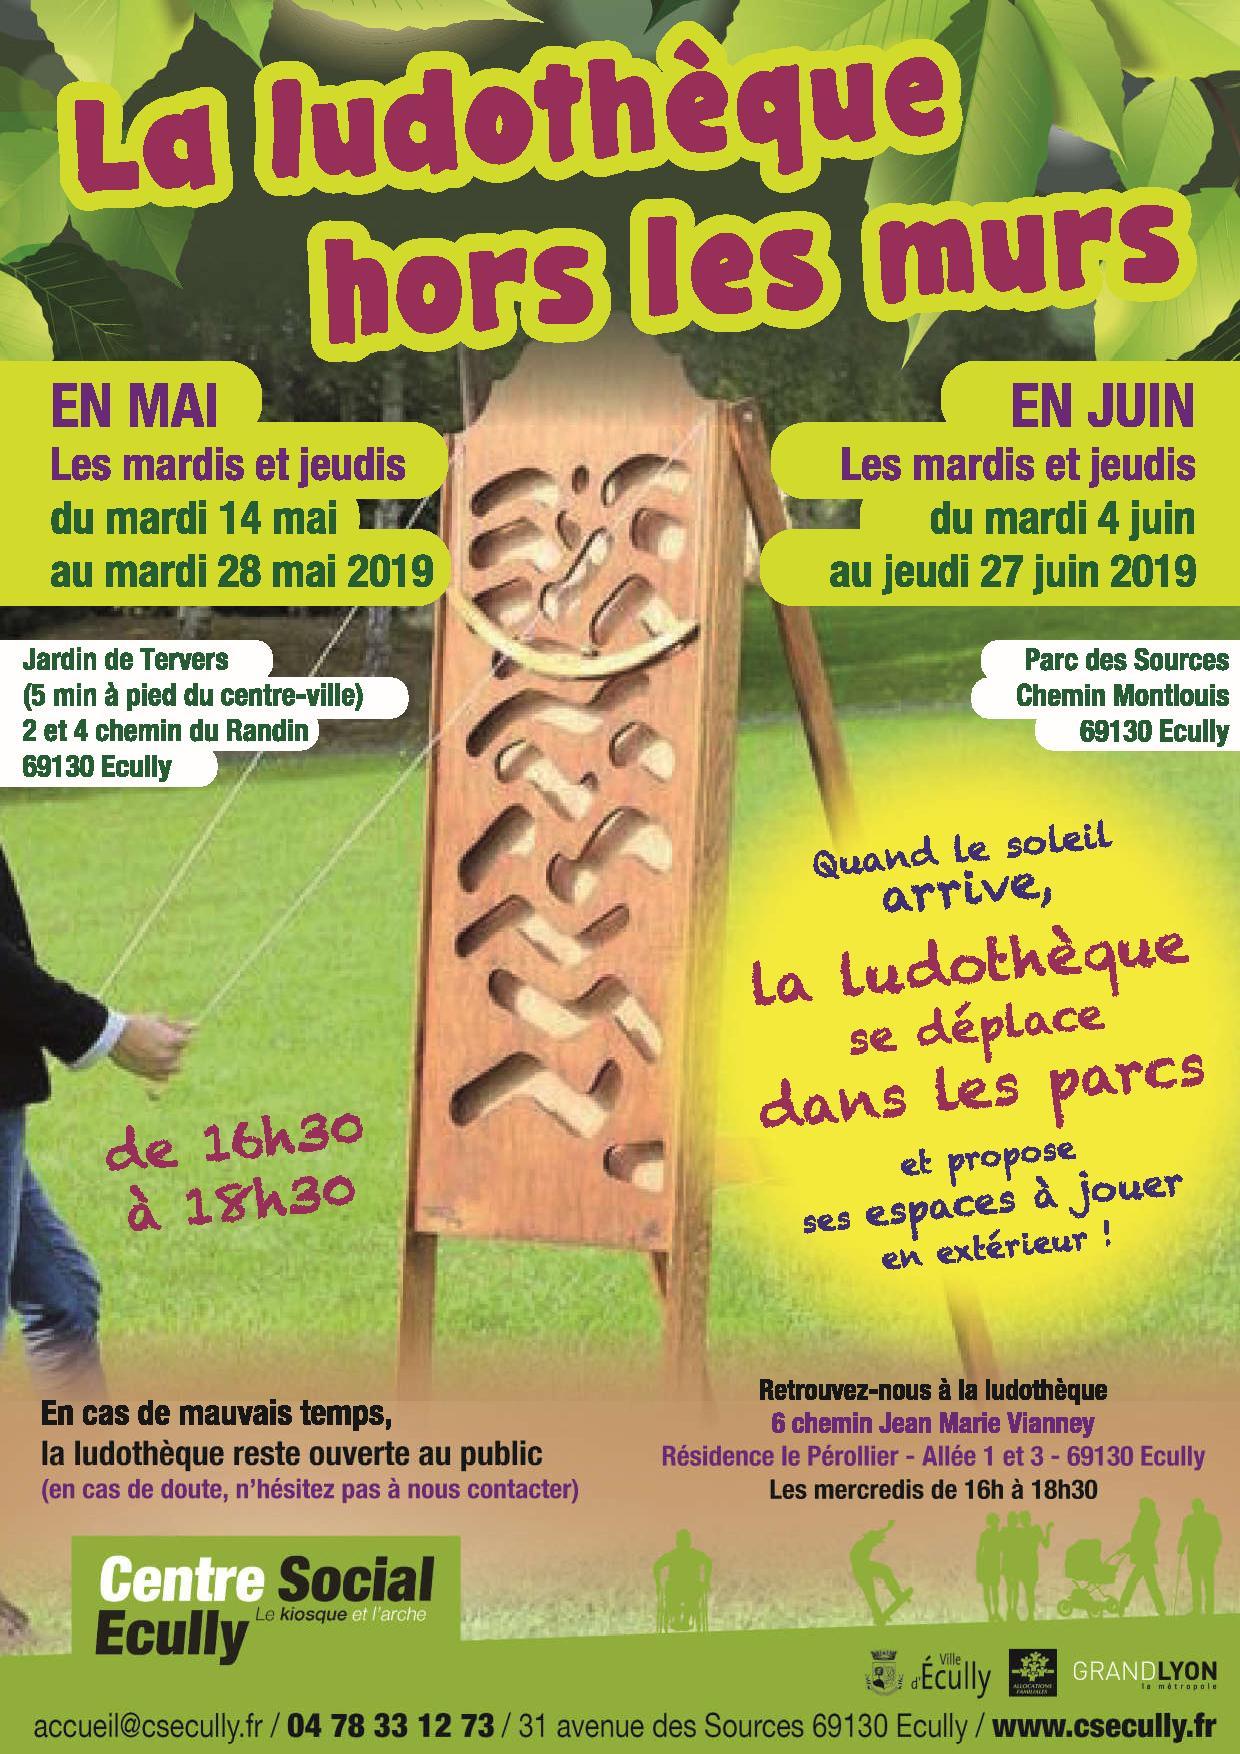 Retrouvez la ludothèque dans les parcs d'Ecully, en mai et juin